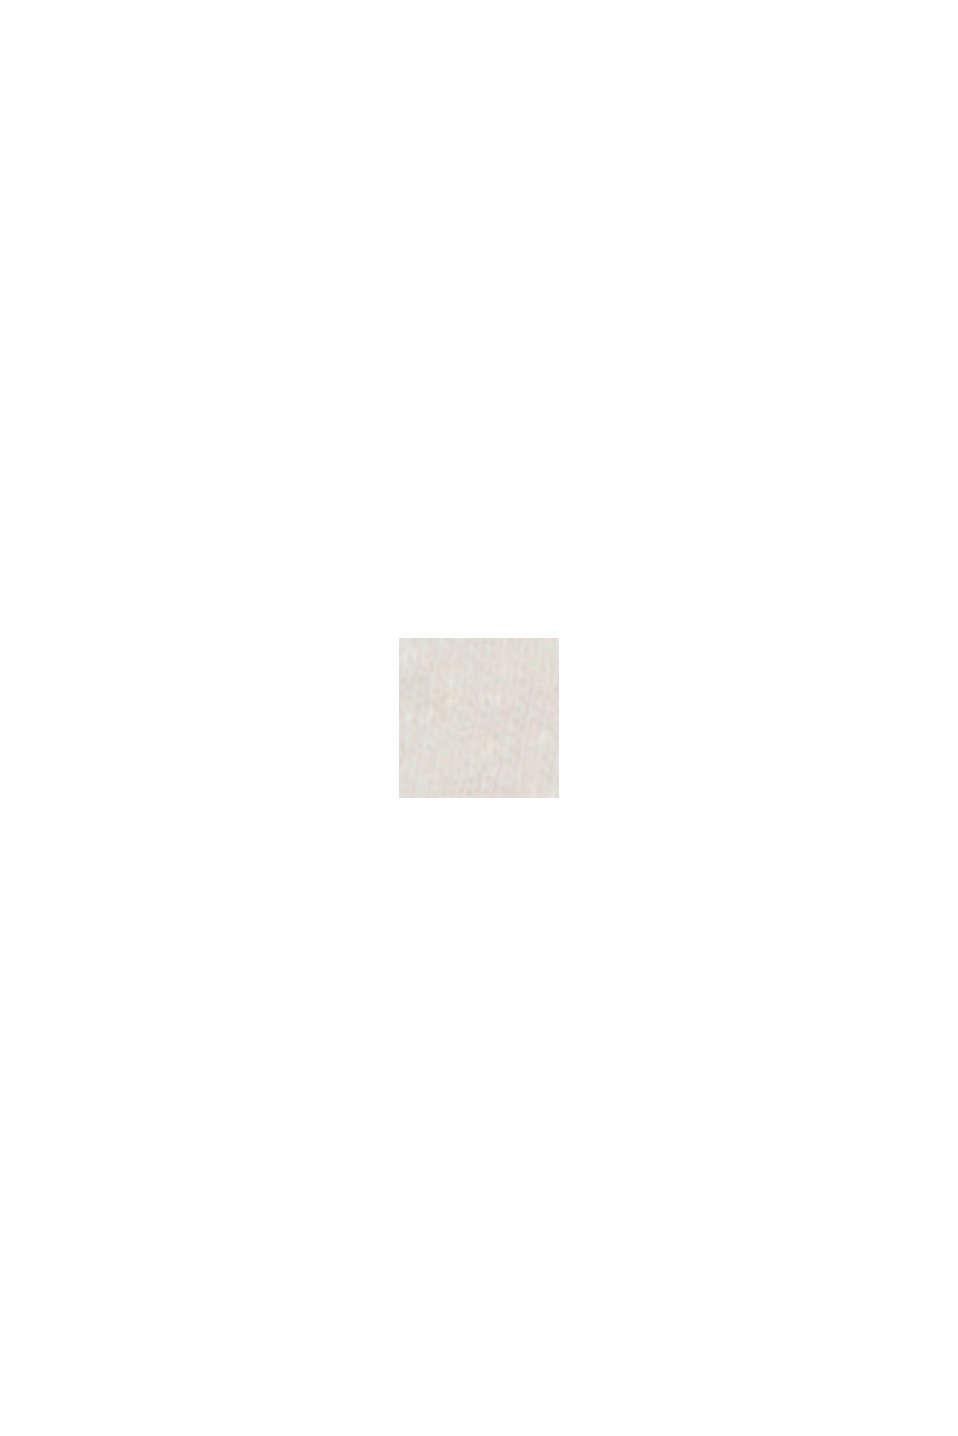 CURVY T-Shirt mit Leinen, OFF WHITE, swatch